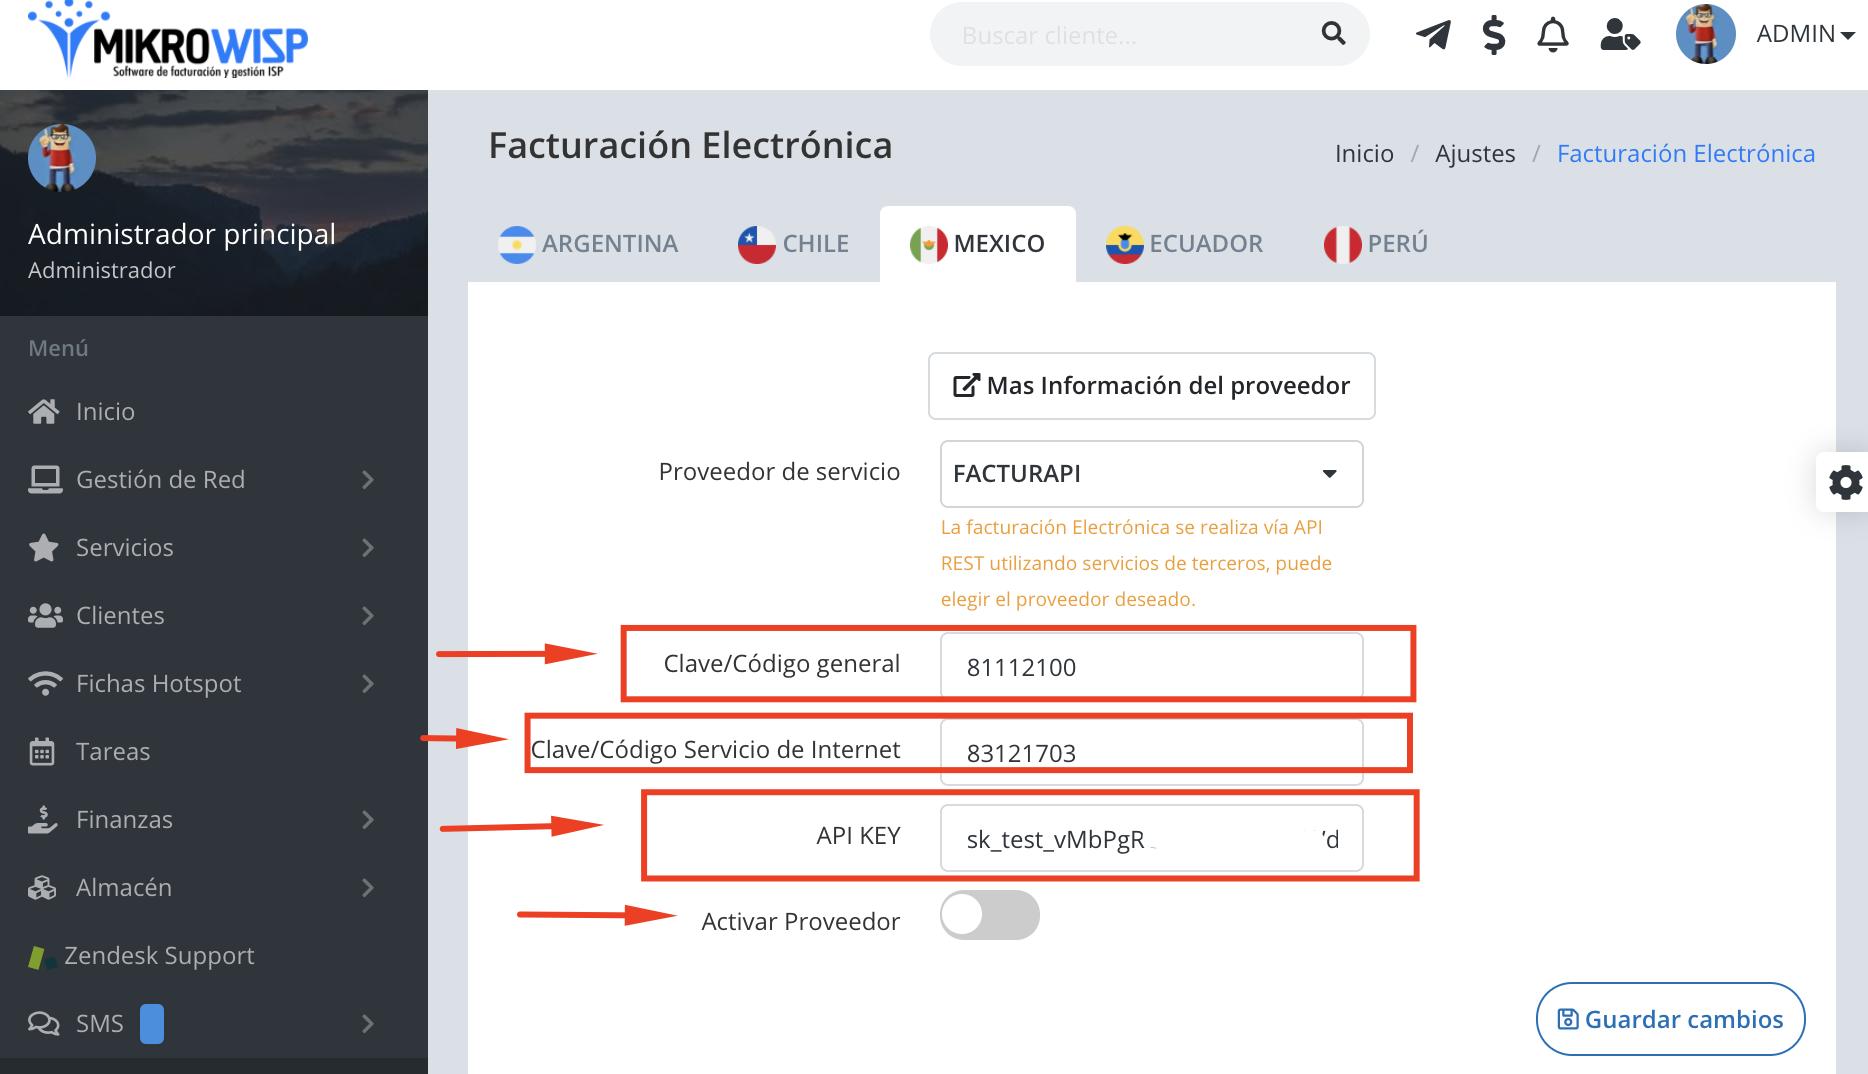 Para configurar la facturación electrónica debemos ingresar al Menu Ajustes--->Facturación electrónica.